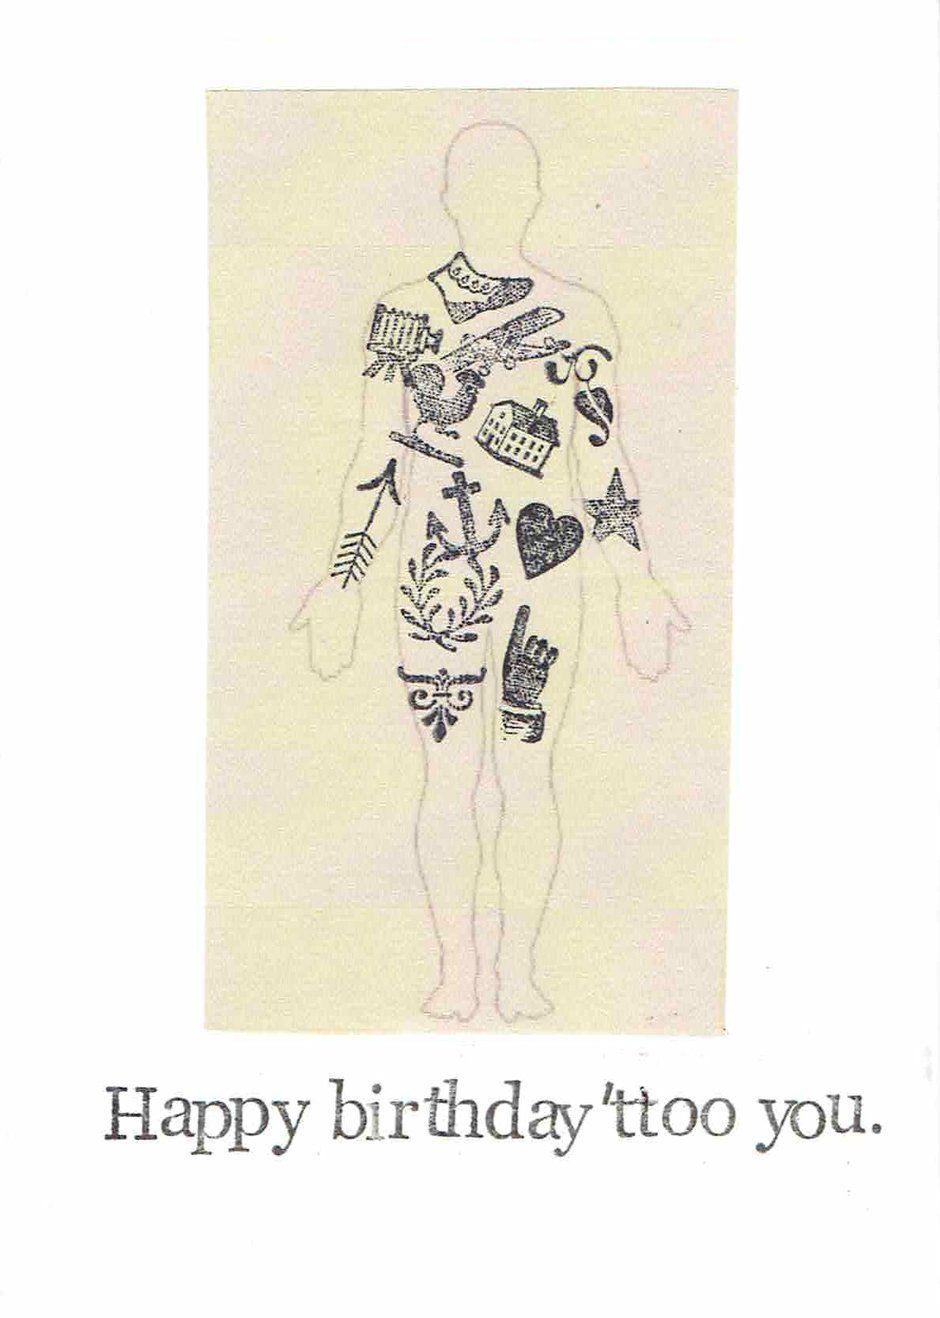 Happy Birthday Ttoo You Funny Birthday Card Weird Vintage Tattoo Humor Funny Birthday Cards Funny Tattoos Weird Vintage